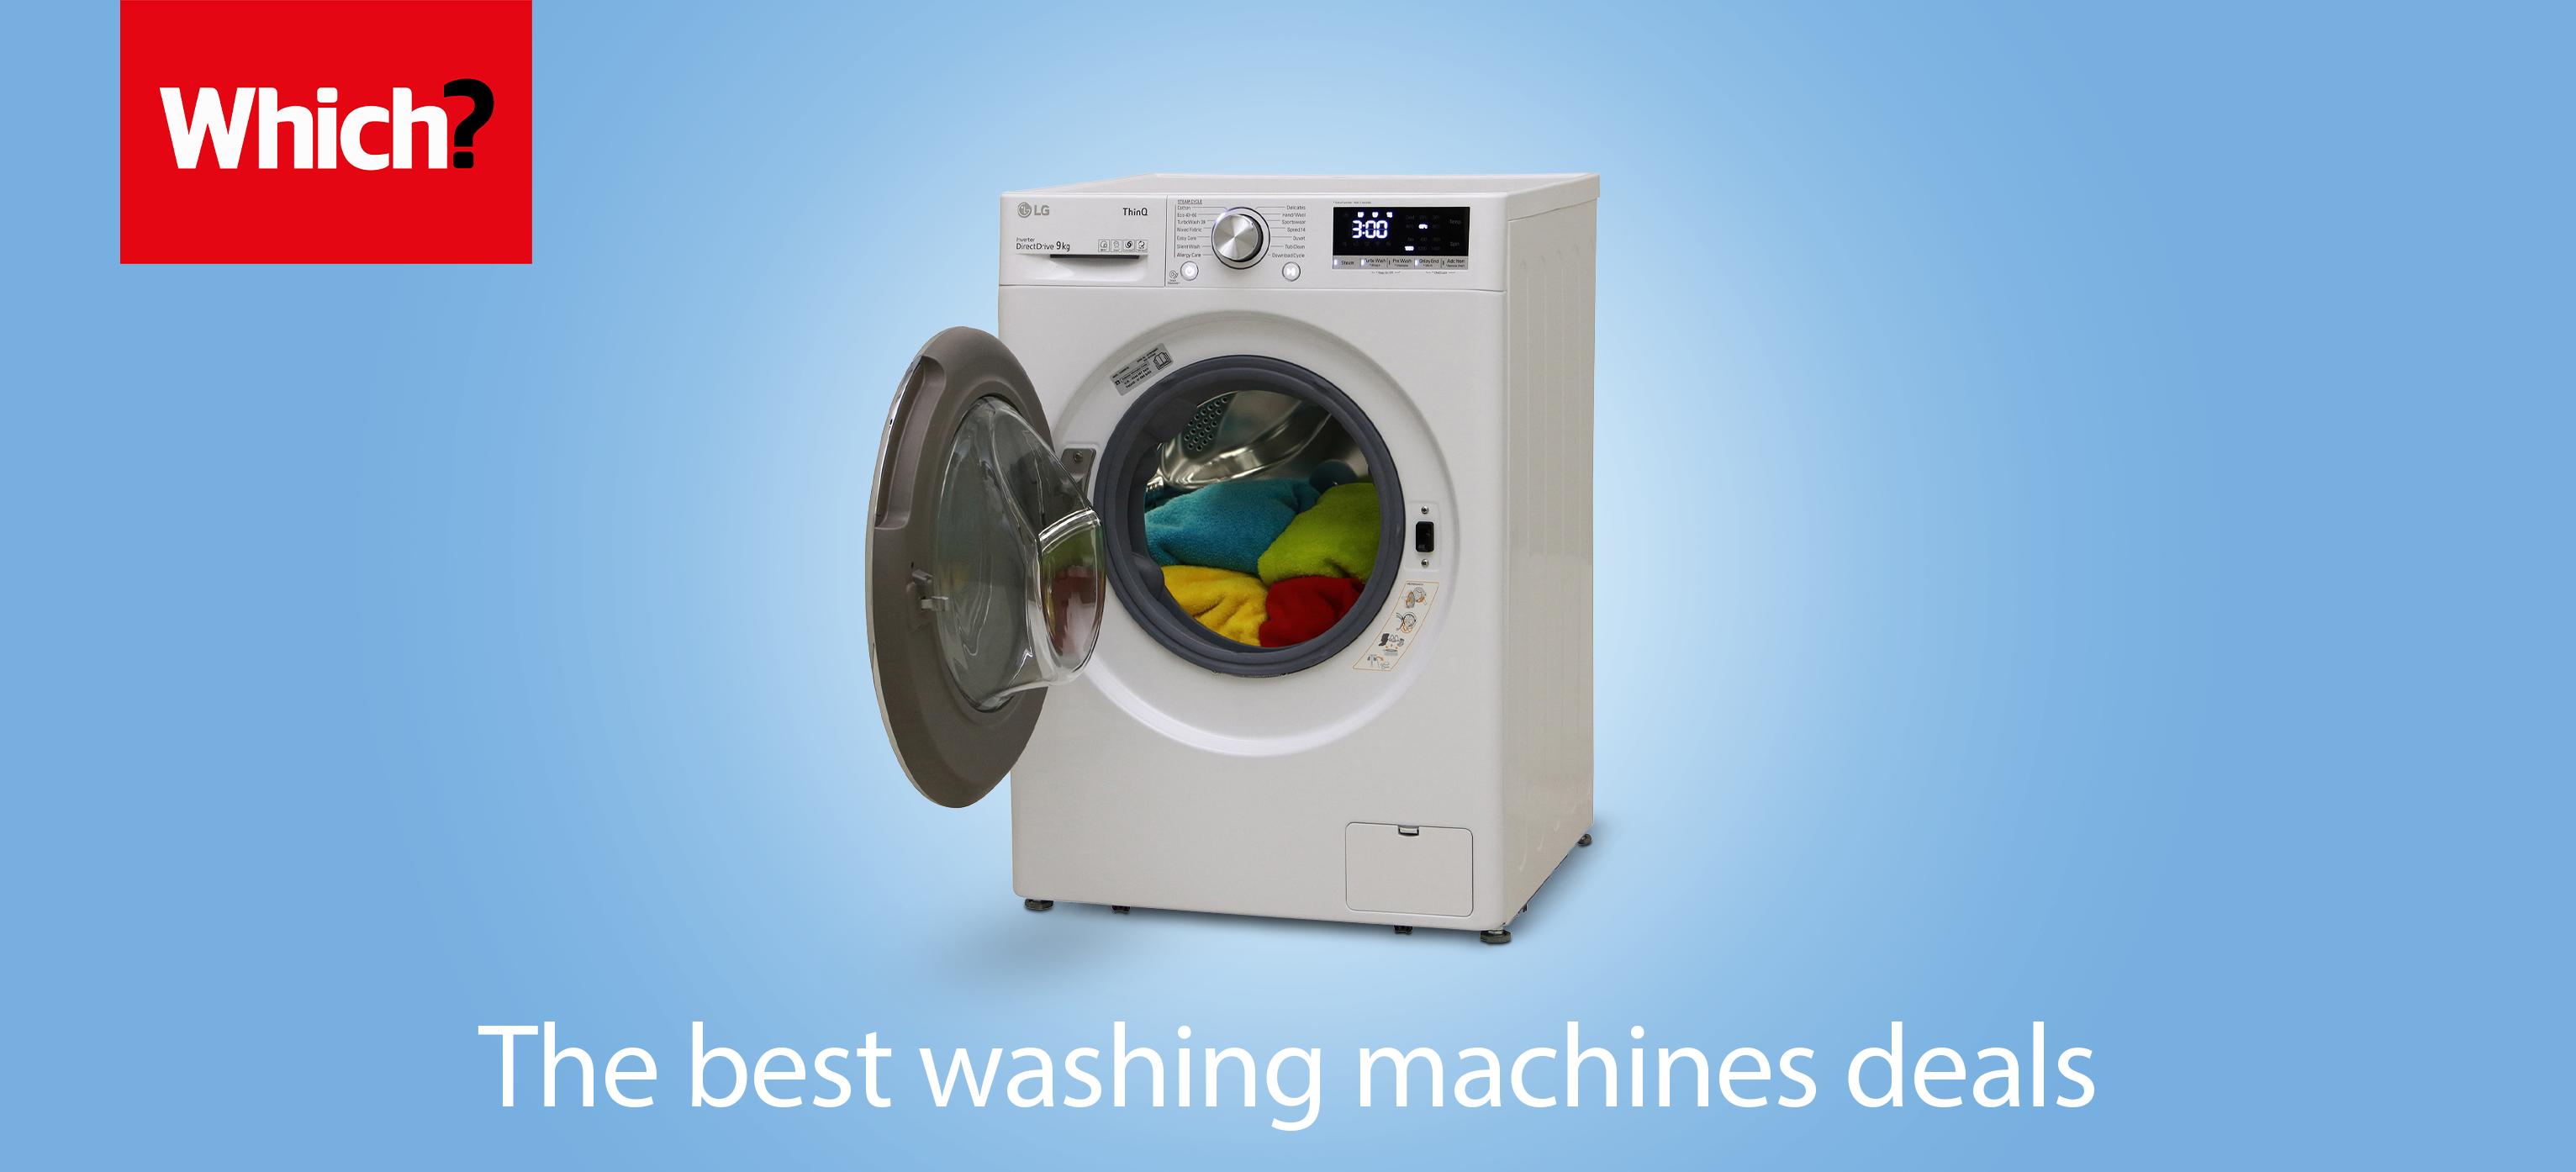 best washing machine deals